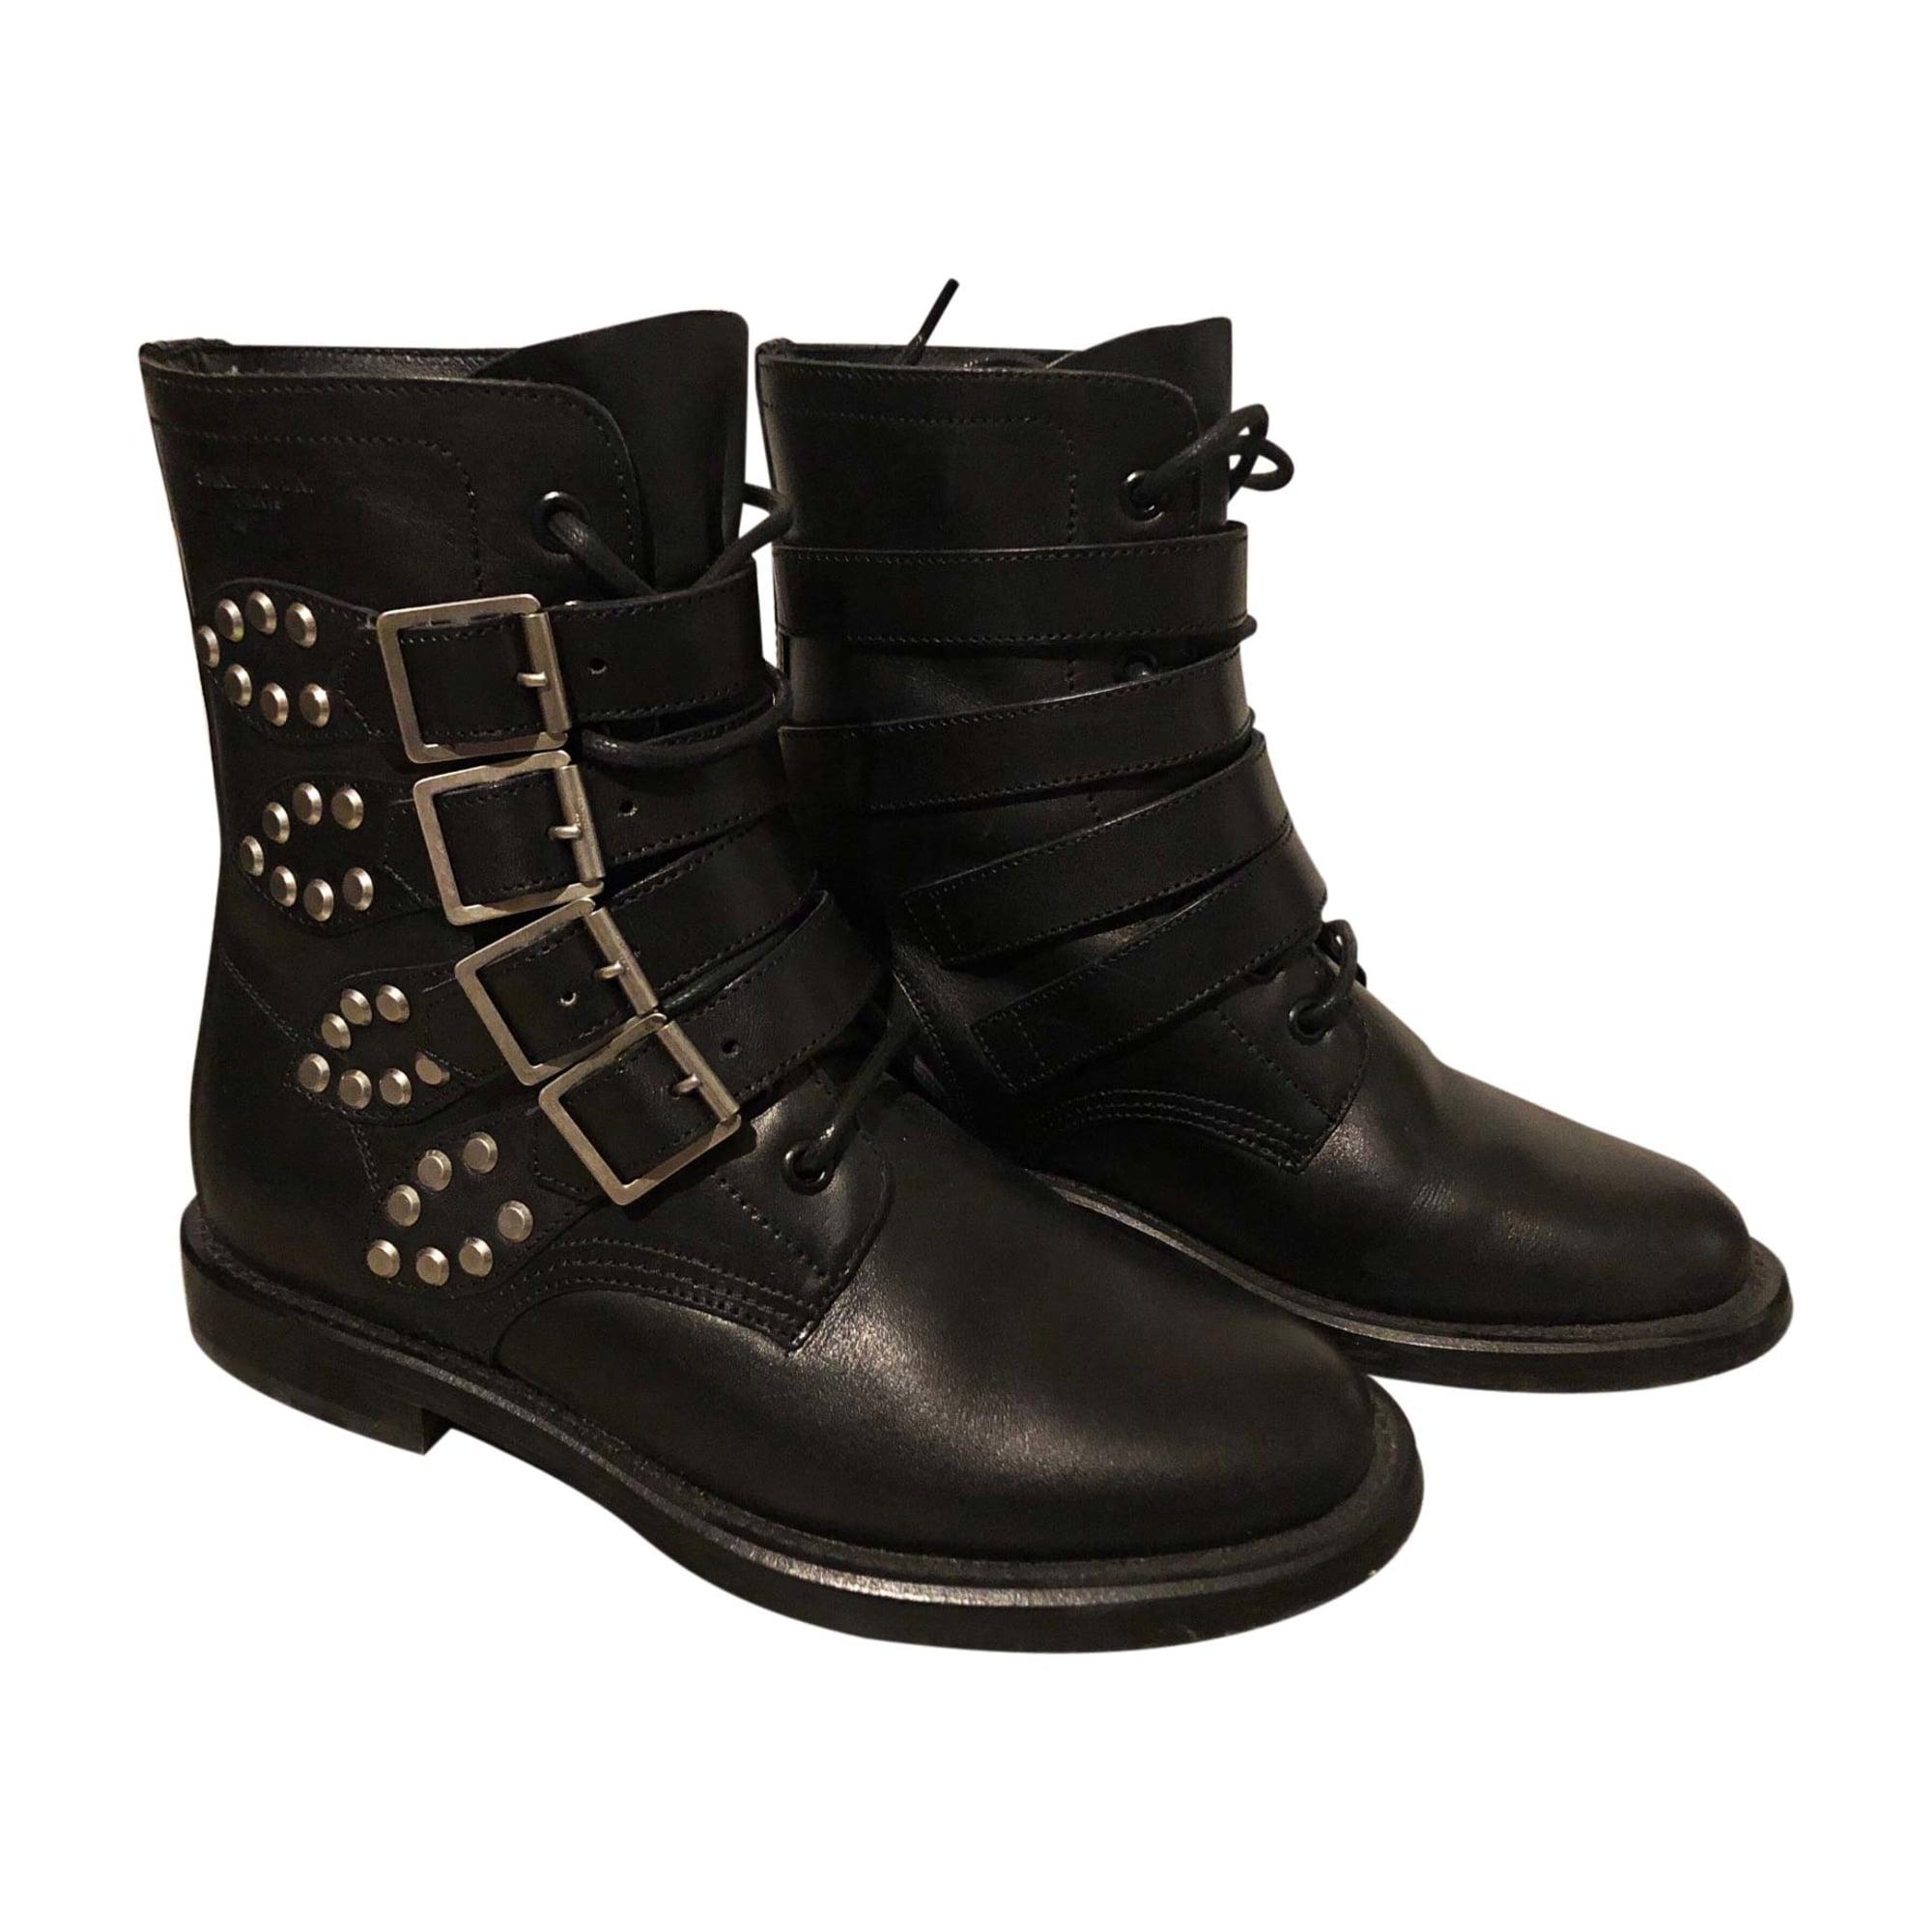 298af57a27fbd Bottines   low boots motards SAINT LAURENT 36,5 noir - 7475875